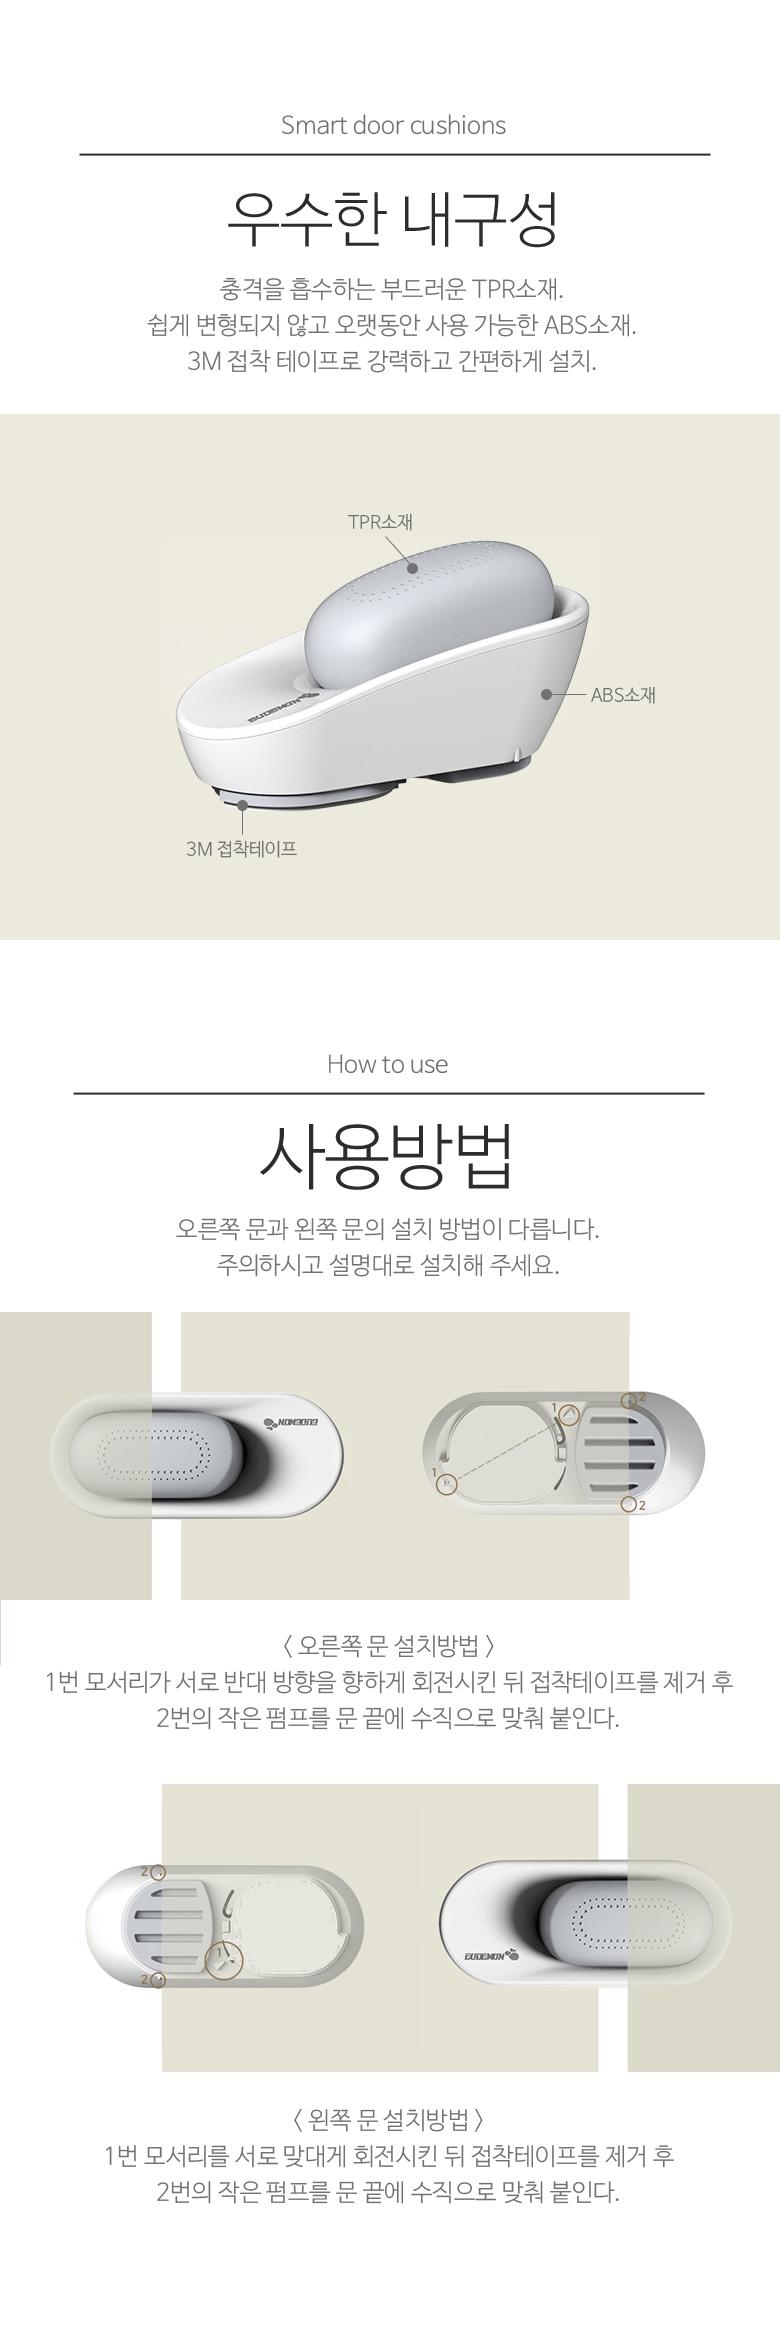 손낌방지 스마트 도어 스토퍼 쿠션 - 제이라이프, 10,900원, 위생/안전용품, 도어쿠션